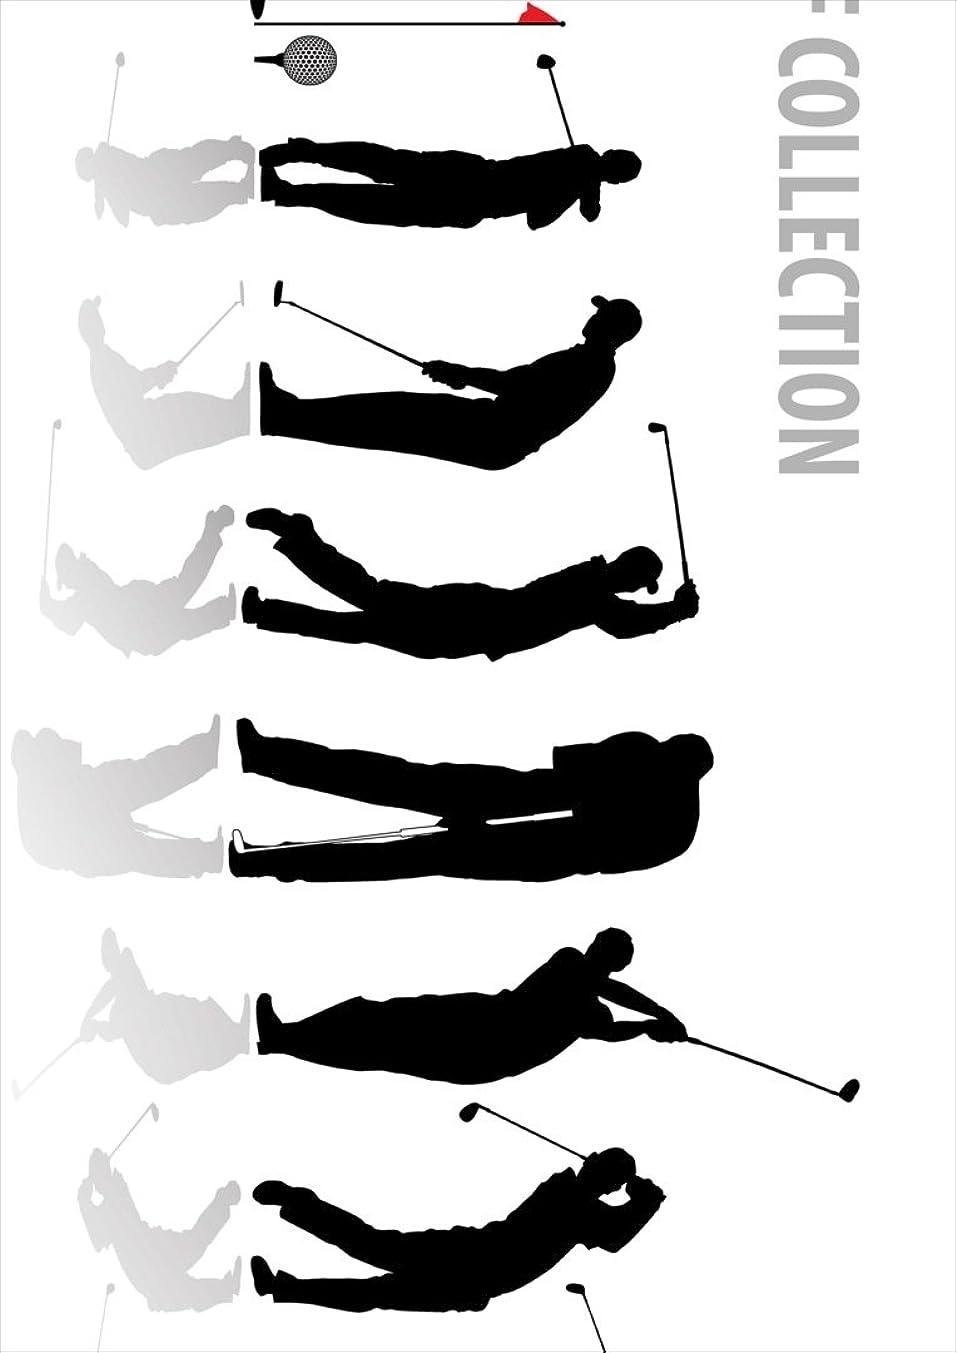 トラフセンター褒賞igsticker ポスター ウォールステッカー シール式ステッカー 飾り 728×1030㎜ B1 写真 フォト 壁 インテリア おしゃれ 剥がせる wall sticker poster 000140 スポーツ ゴルフ ショット イラスト